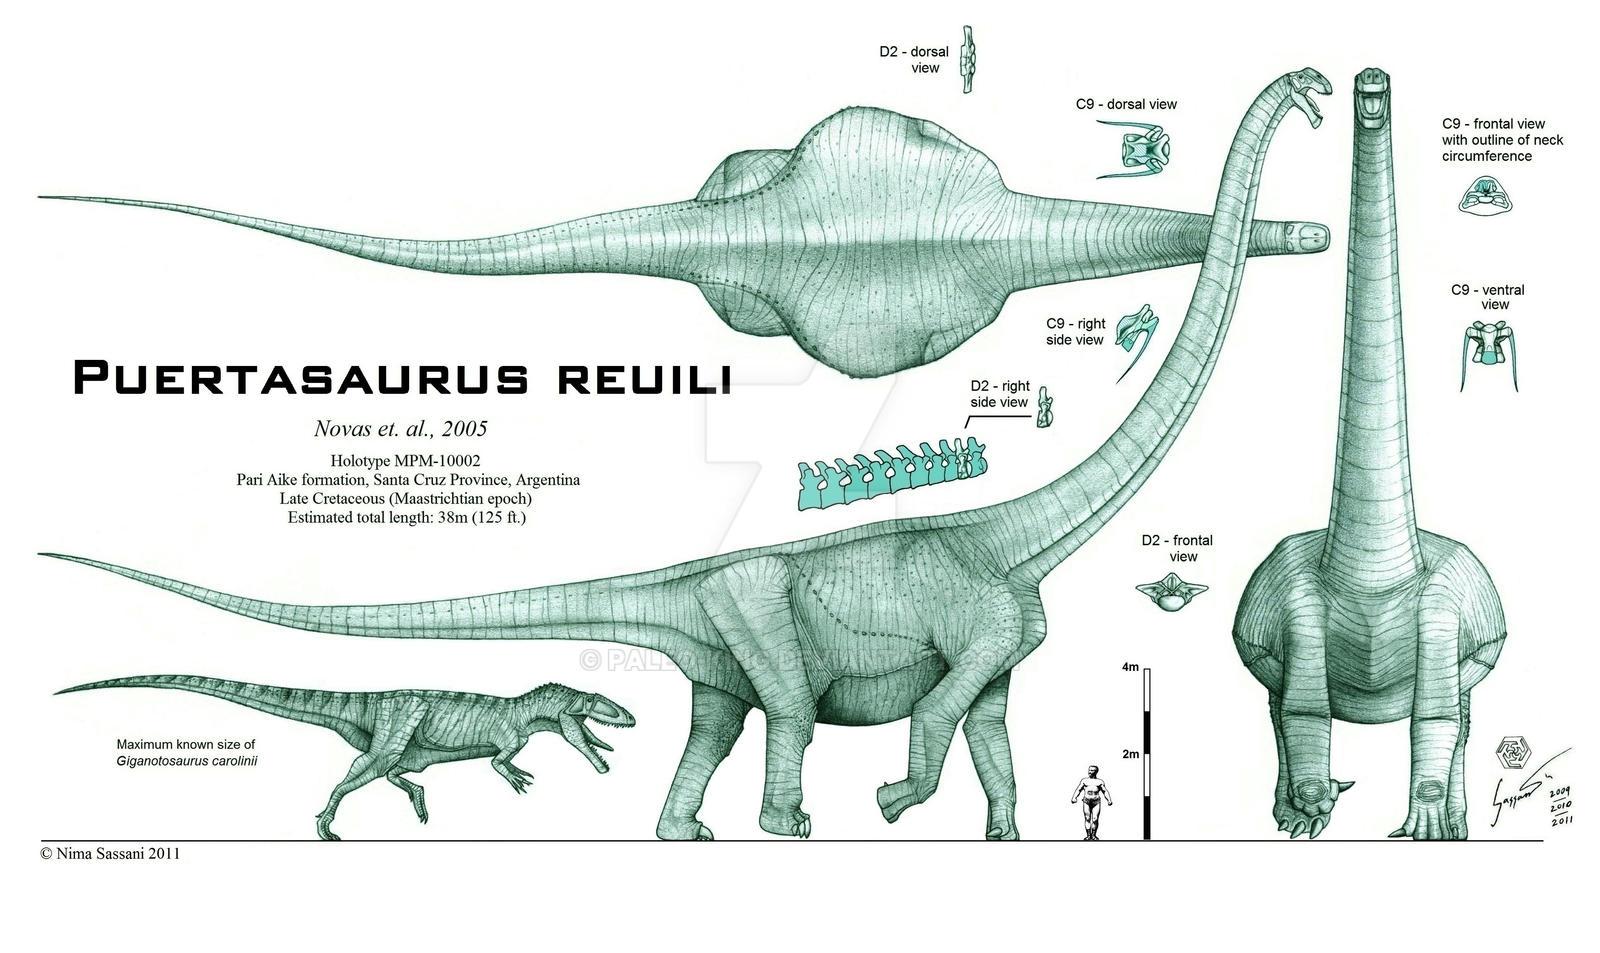 Puertasaurus reuili - REVISED by Paleo-King